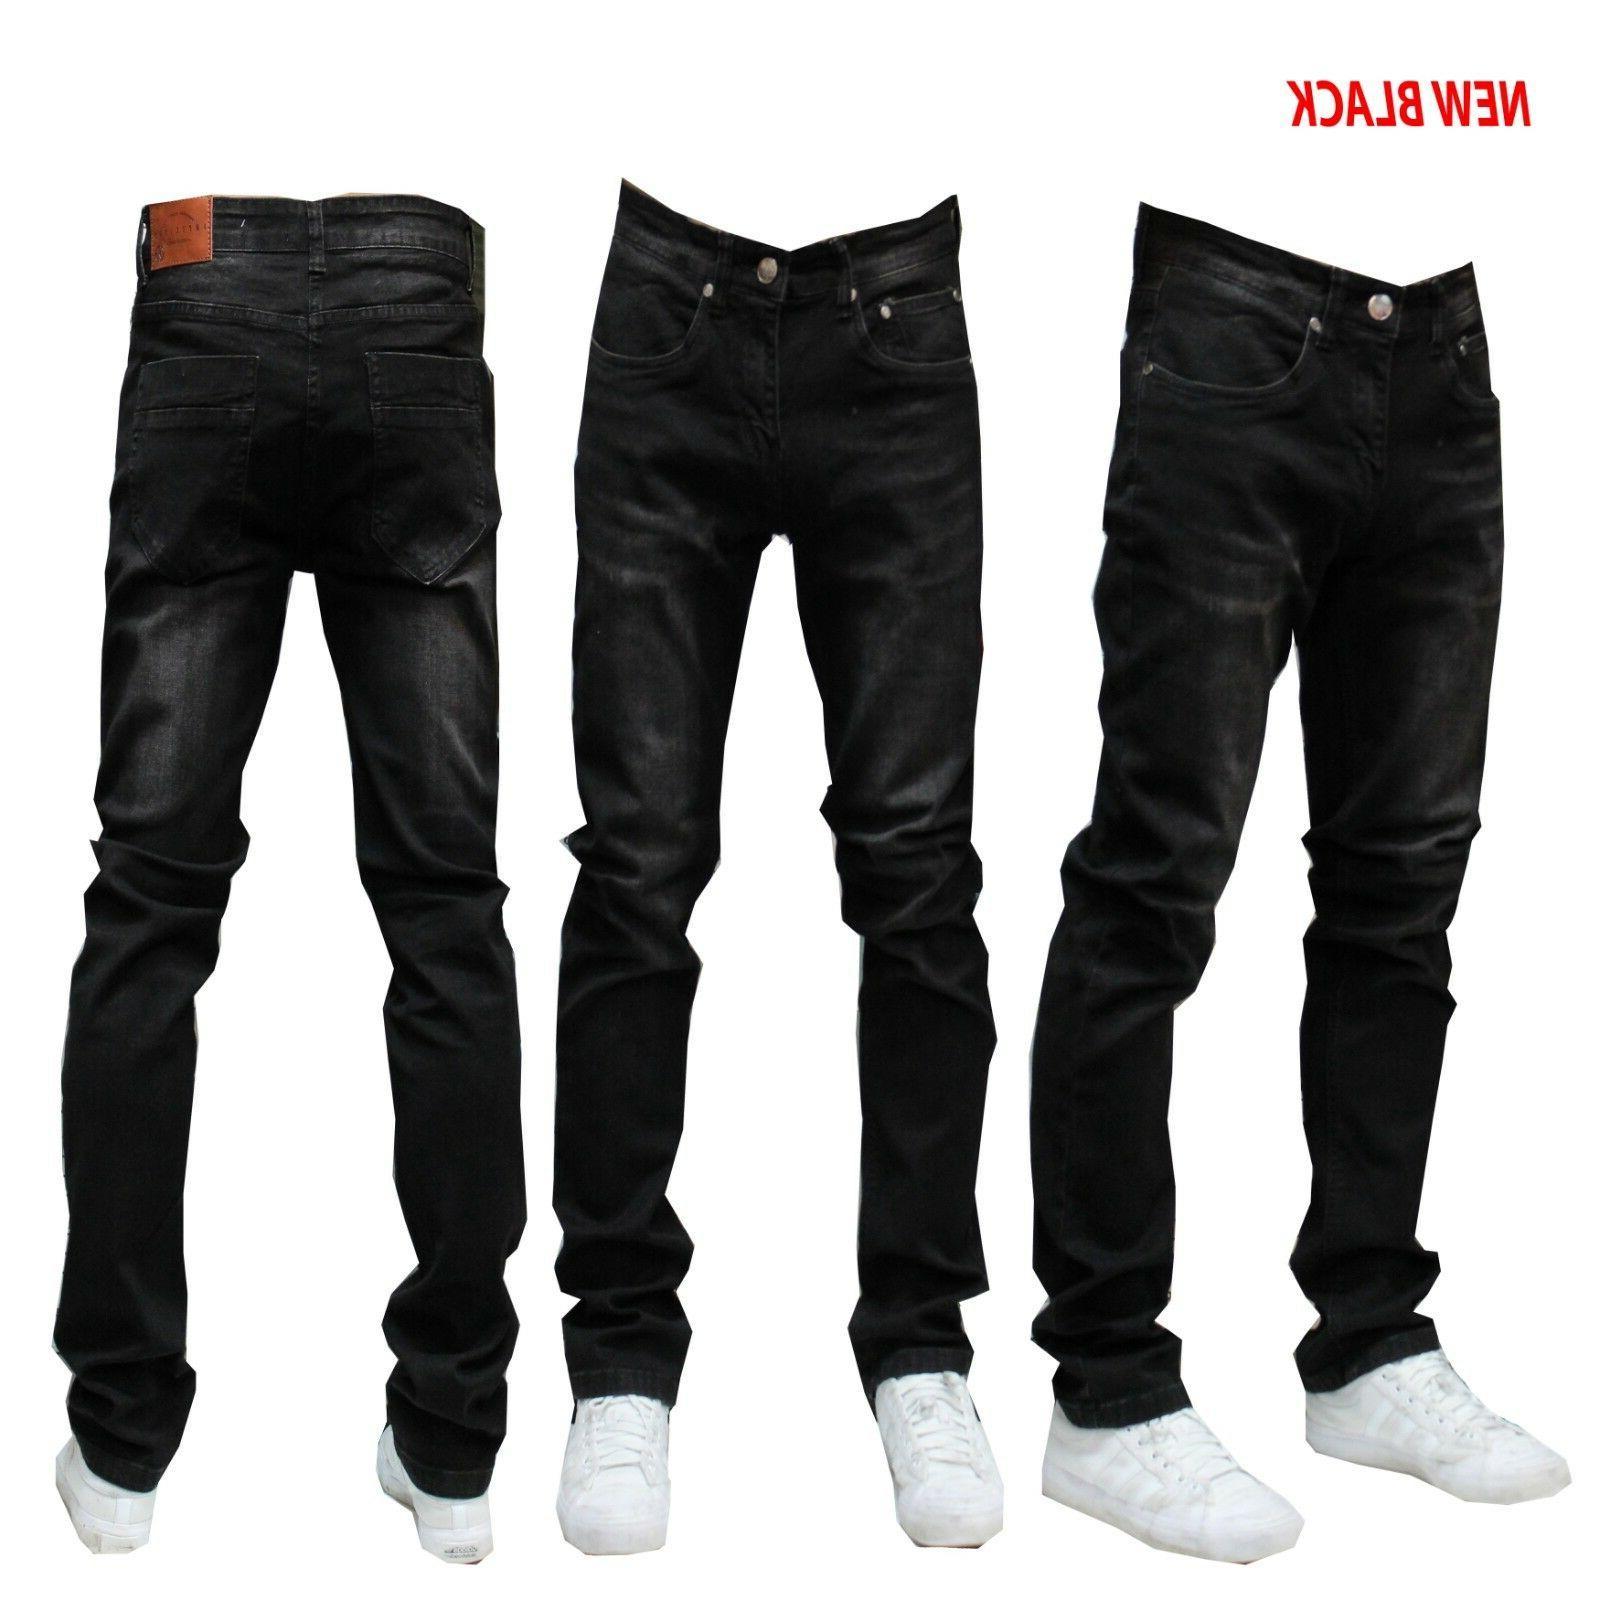 MEN FIT SLIM Casual Pants JEAN